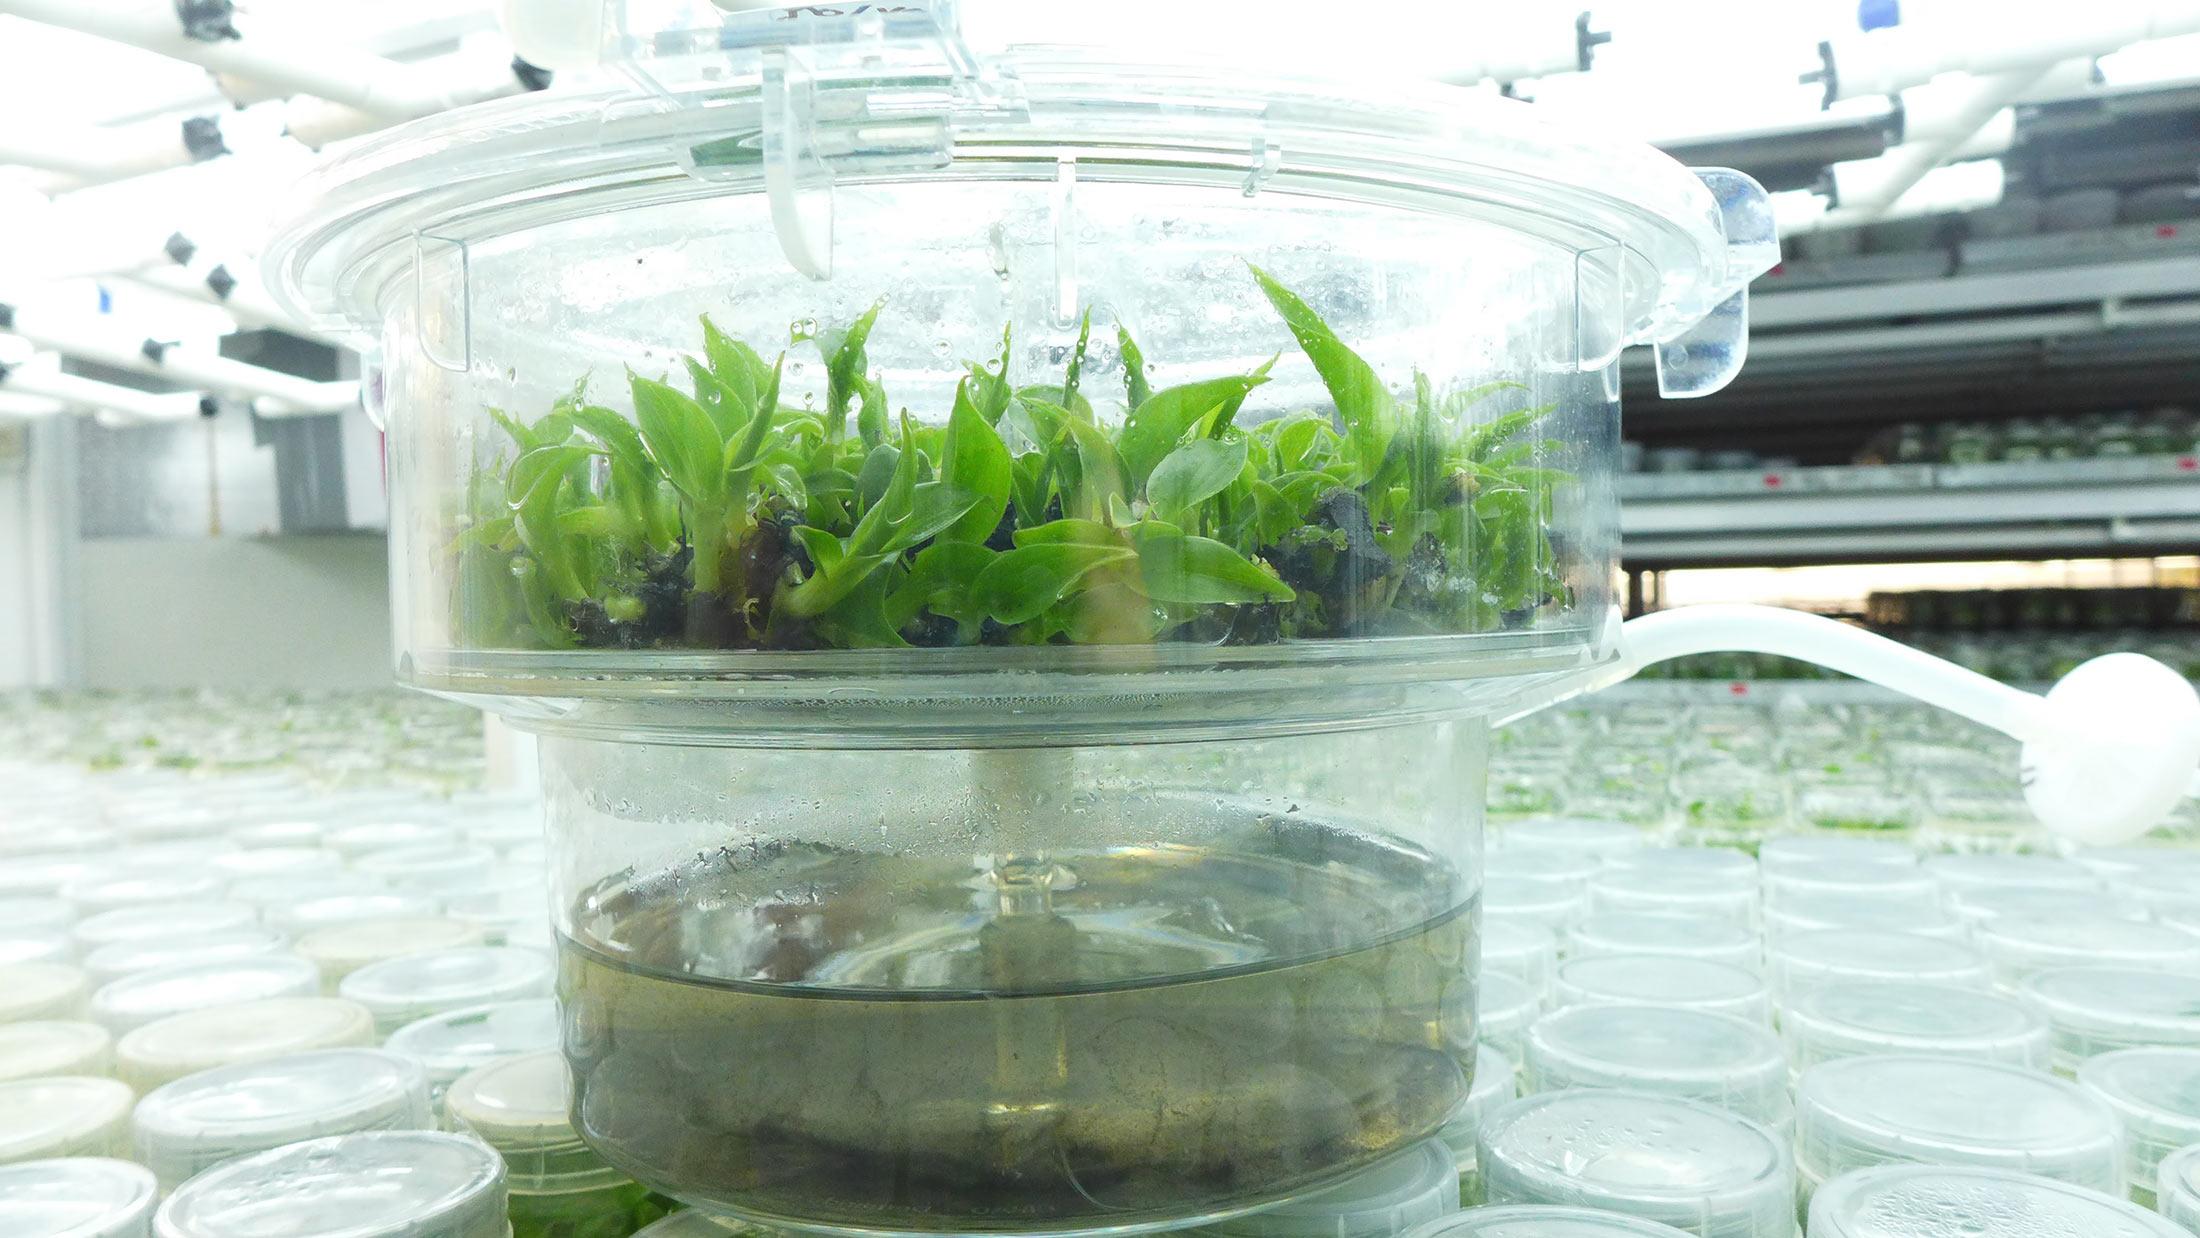 Нов хибриден сорт F1, устойчив на ръжда, е изследван в лаборатория в Никарагуа. Този сорт, Centroamericano, вече е на разположение на земеделските производители в региона.